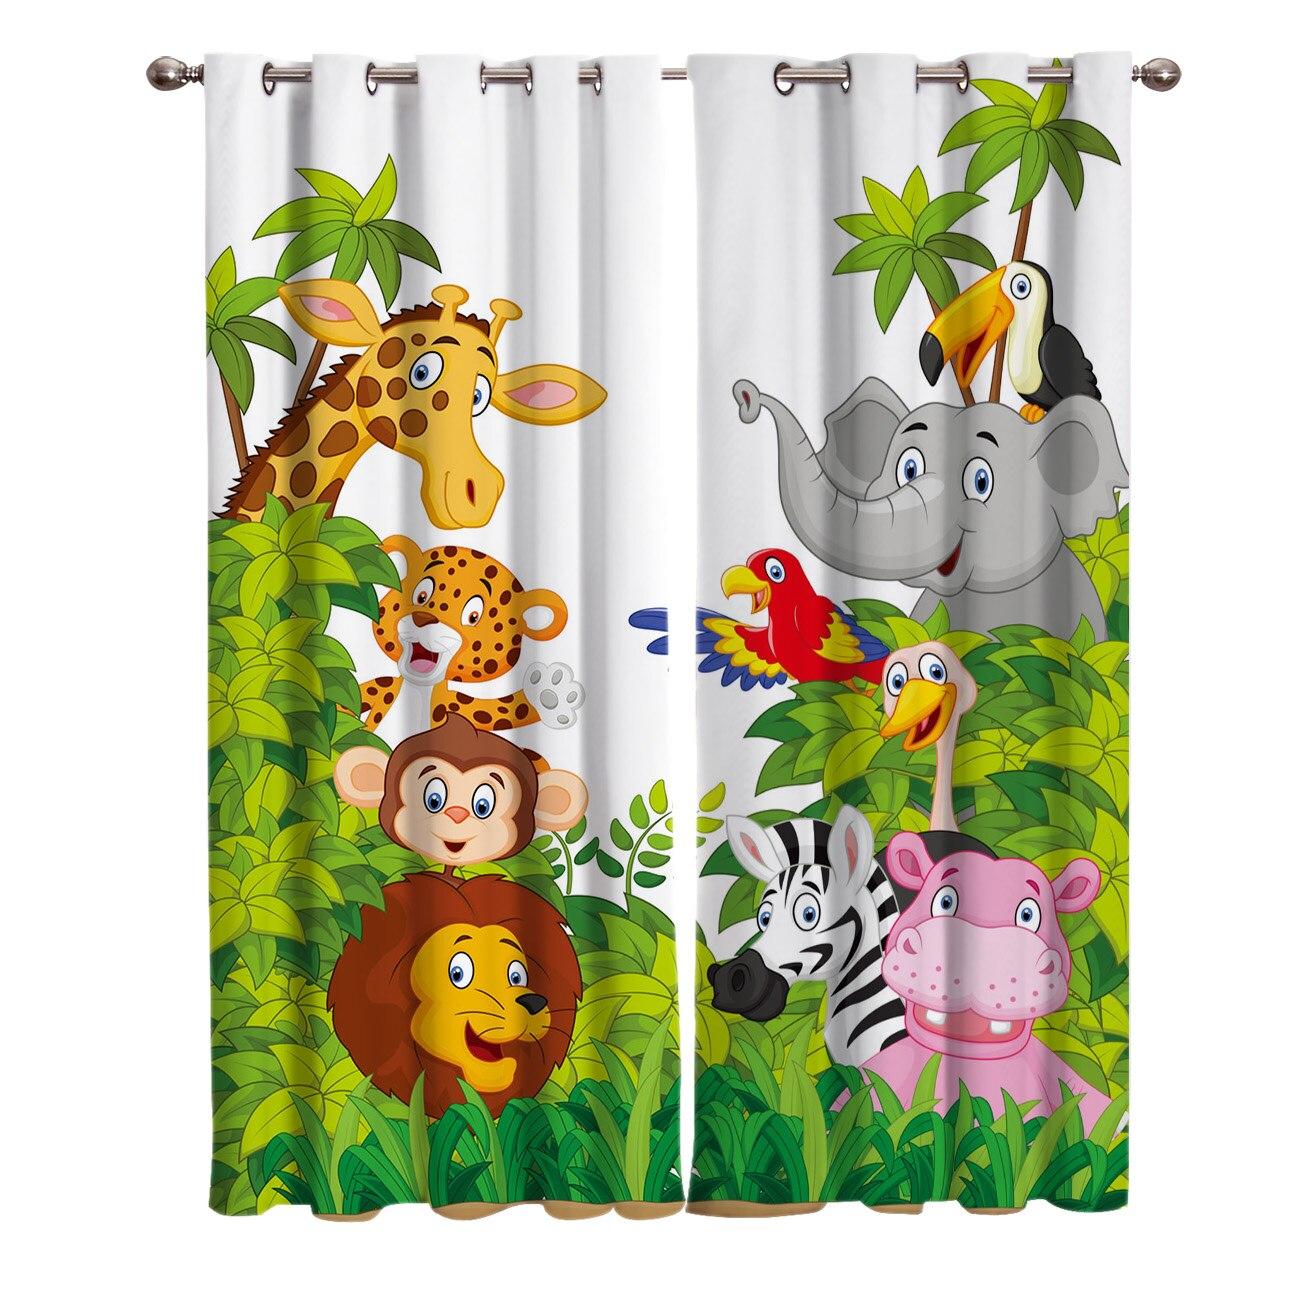 Шторы с животными из джунглей, Мультяшные, жираф, Лев, для гостиной, спальни, домашнее украшение, для взрослых и детей, оконные занавески